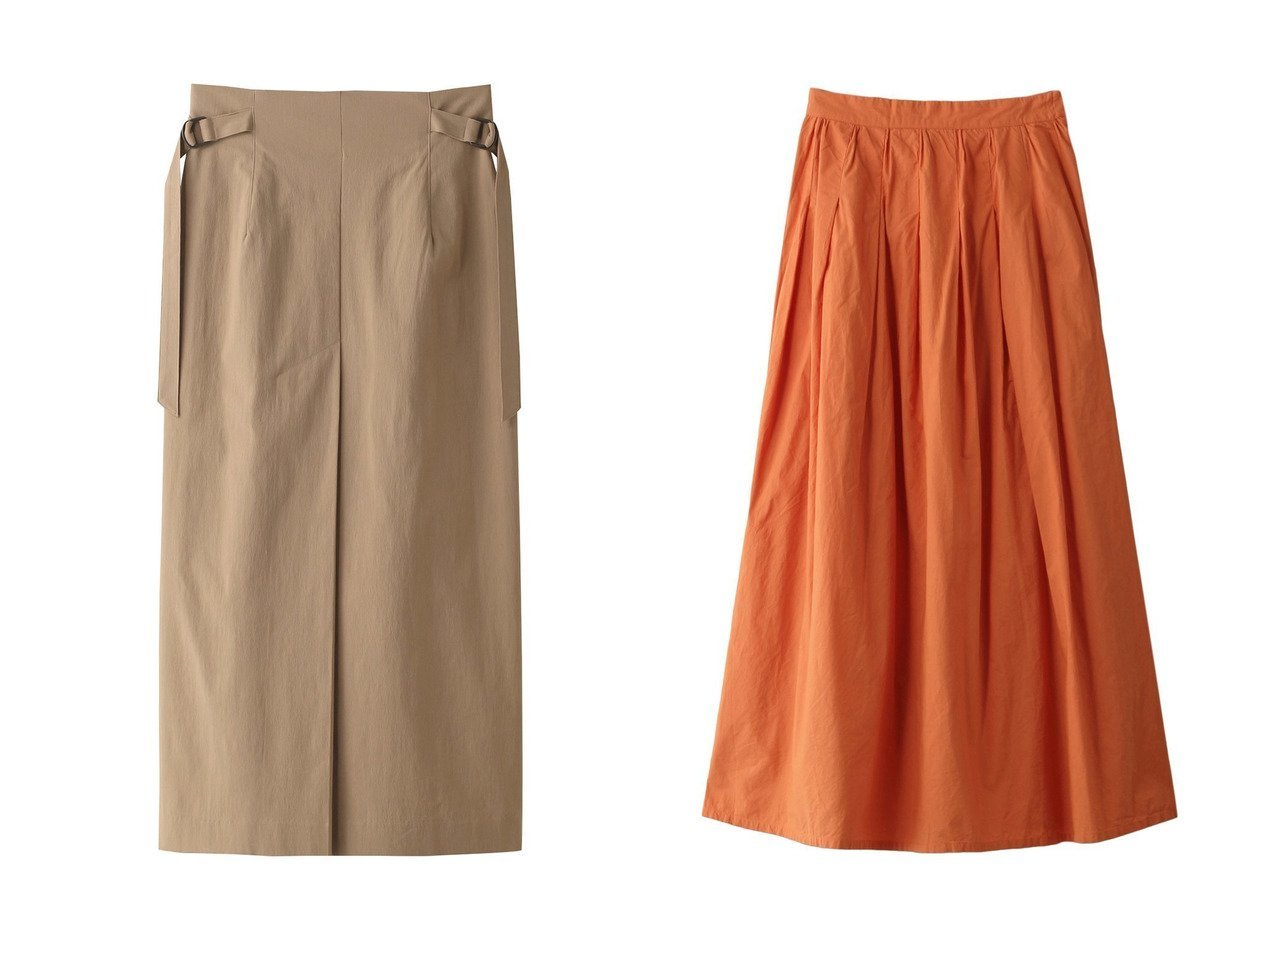 【allureville/アルアバイル】のレーヨン麻フロントベントスカート&【ROSE BUD/ローズバッド】のインドタックロングスカート 【スカート】おすすめ!人気、トレンド・レディースファッションの通販 おすすめで人気の流行・トレンド、ファッションの通販商品 インテリア・家具・メンズファッション・キッズファッション・レディースファッション・服の通販 founy(ファニー) https://founy.com/ ファッション Fashion レディースファッション WOMEN スカート Skirt ロングスカート Long Skirt S/S・春夏 SS・Spring/Summer おすすめ Recommend セットアップ タイトスカート フロント リネン 夏 Summer 春 Spring  ID:crp329100000048109